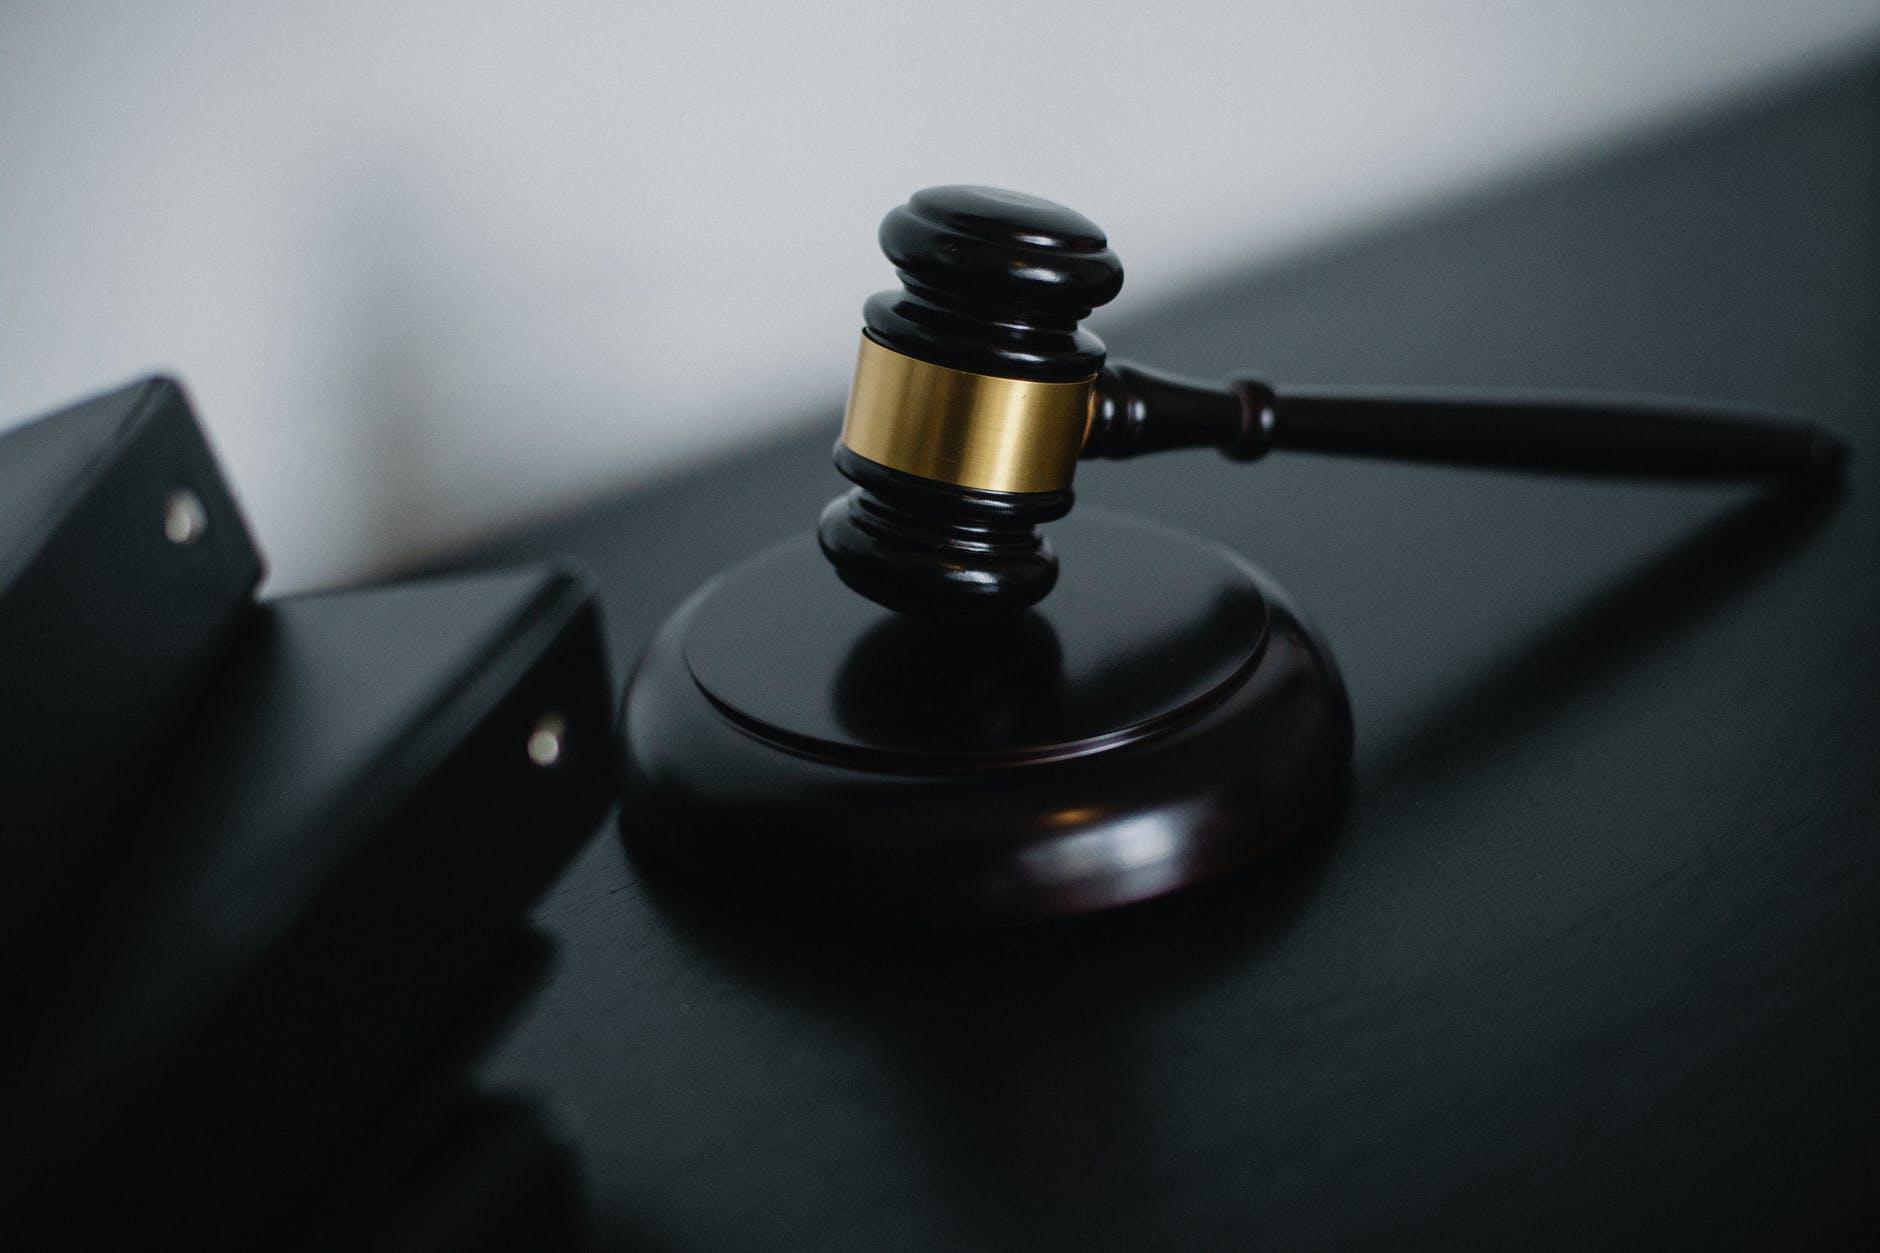 Behöver ni hjälp av en jurist?